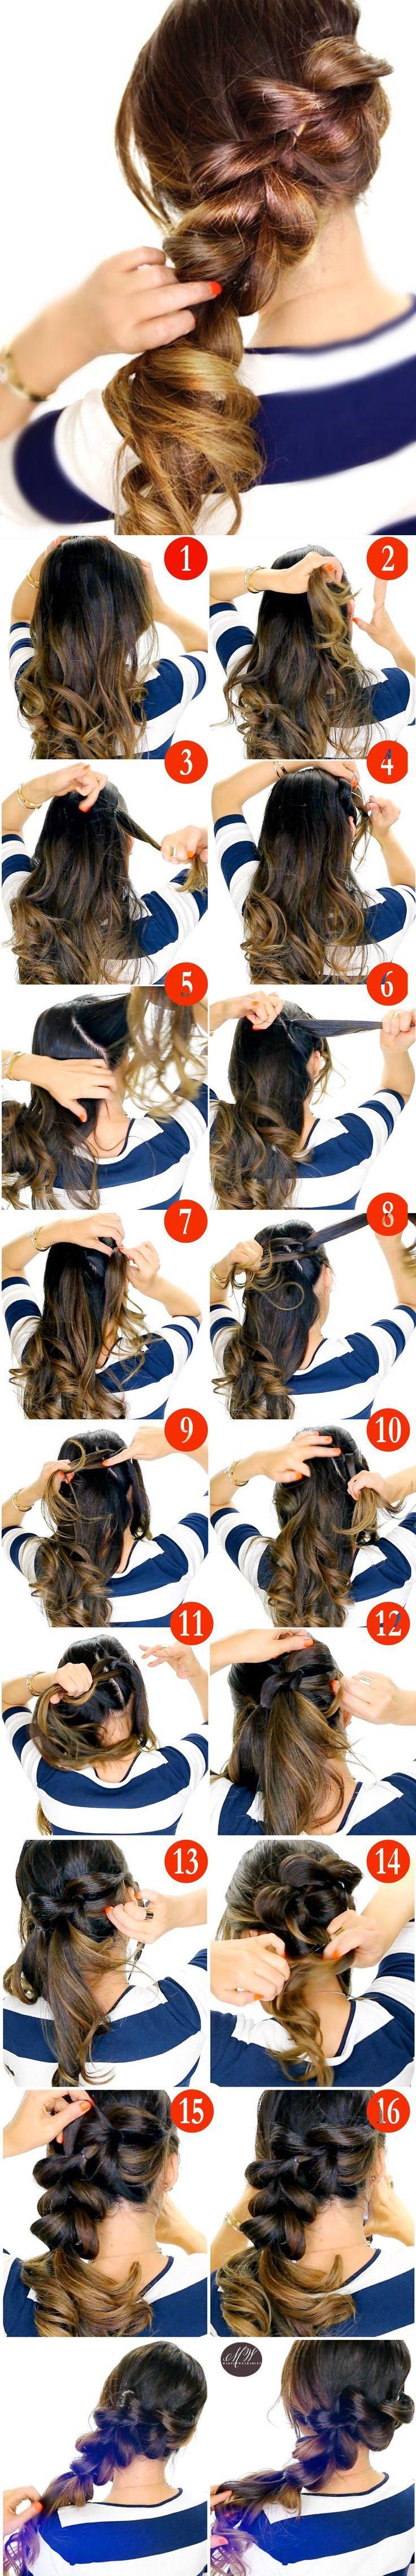 How to: pony braid (pull through braid)